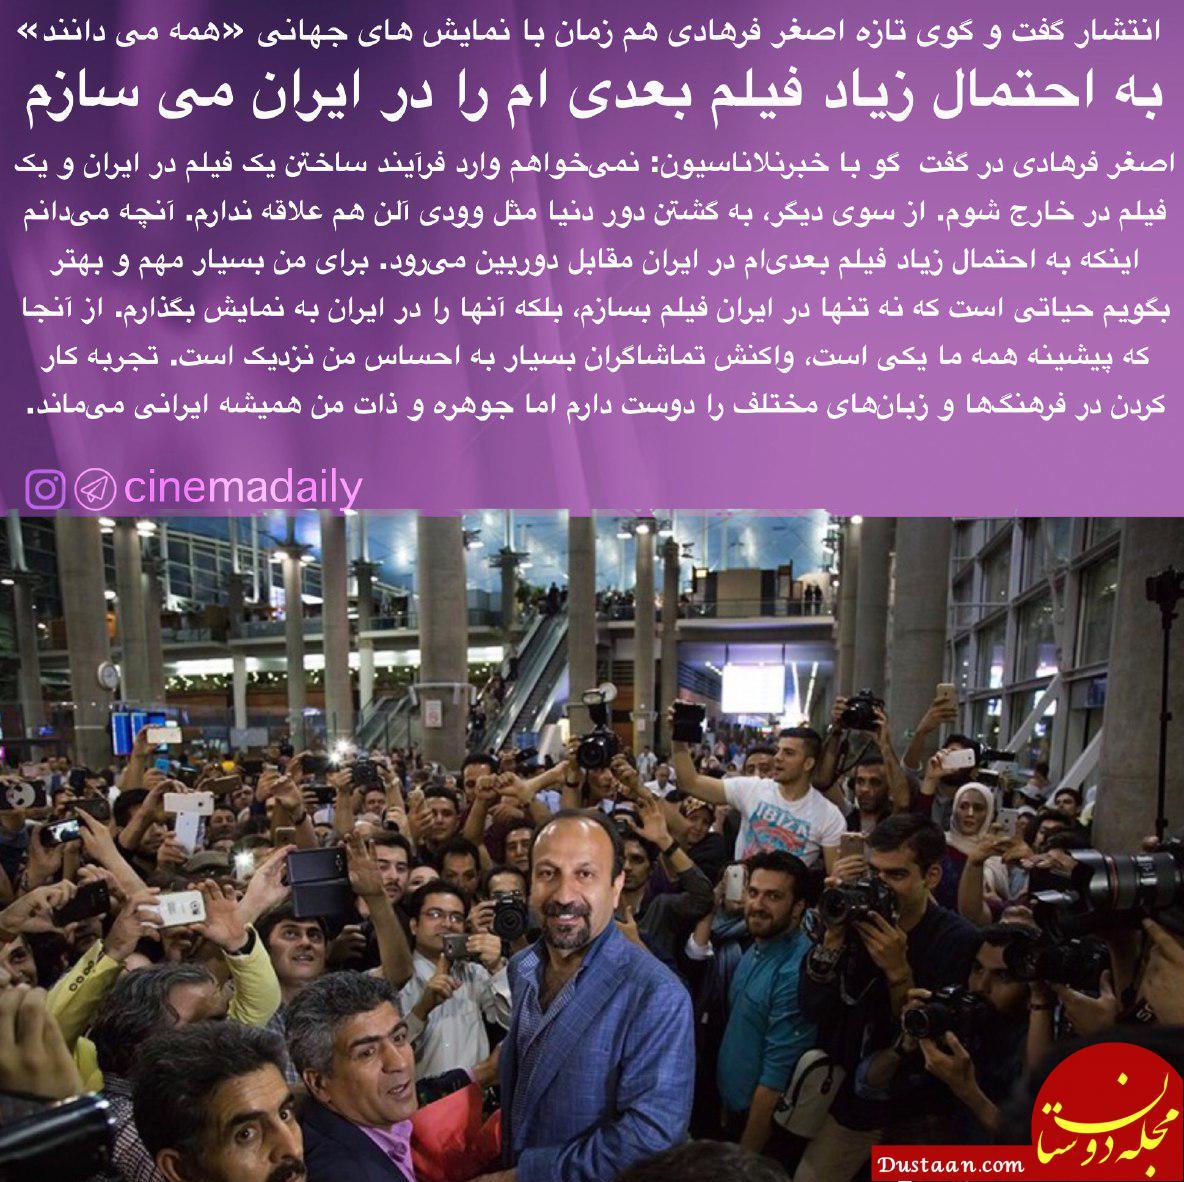 www.dustaan.com اصغر فرهادی: به احتمال زیاد فیلم بعدی ام را در ایران می سازم